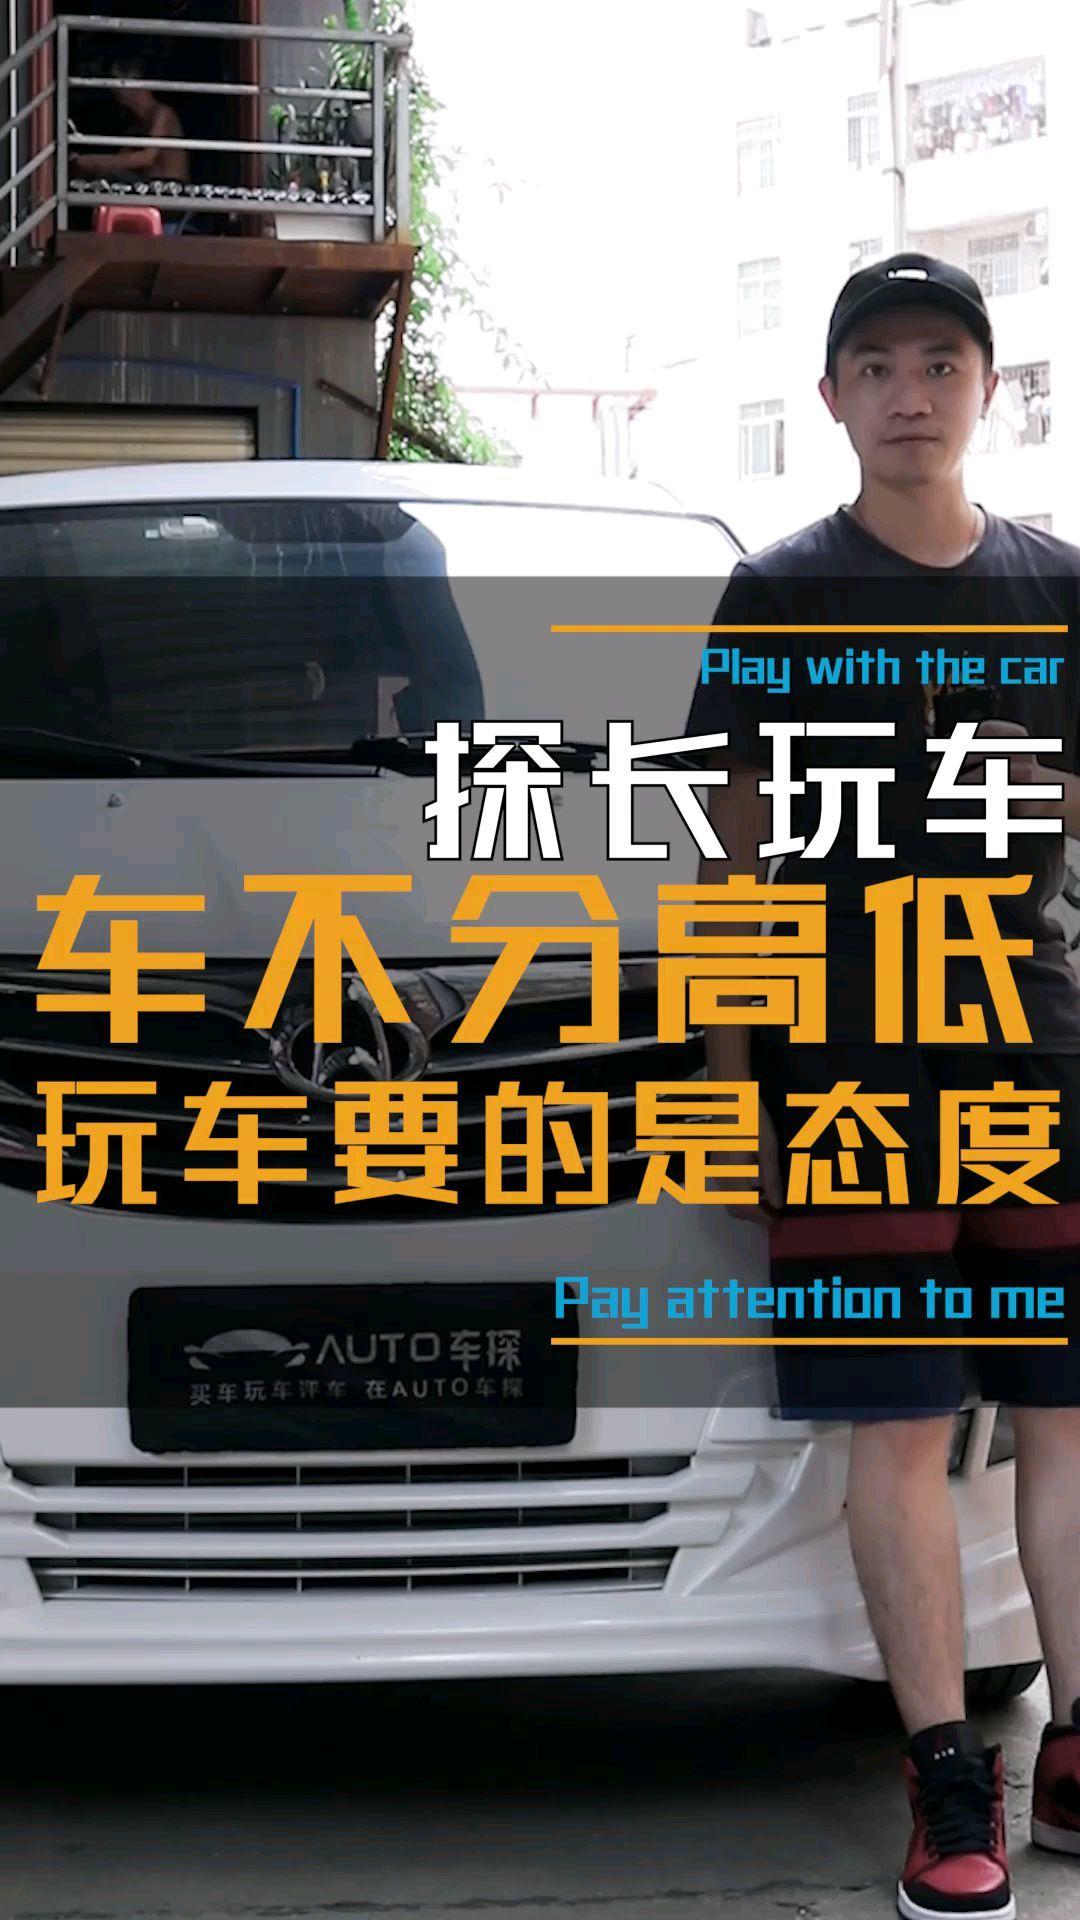 车不分高低,玩车要的是态度